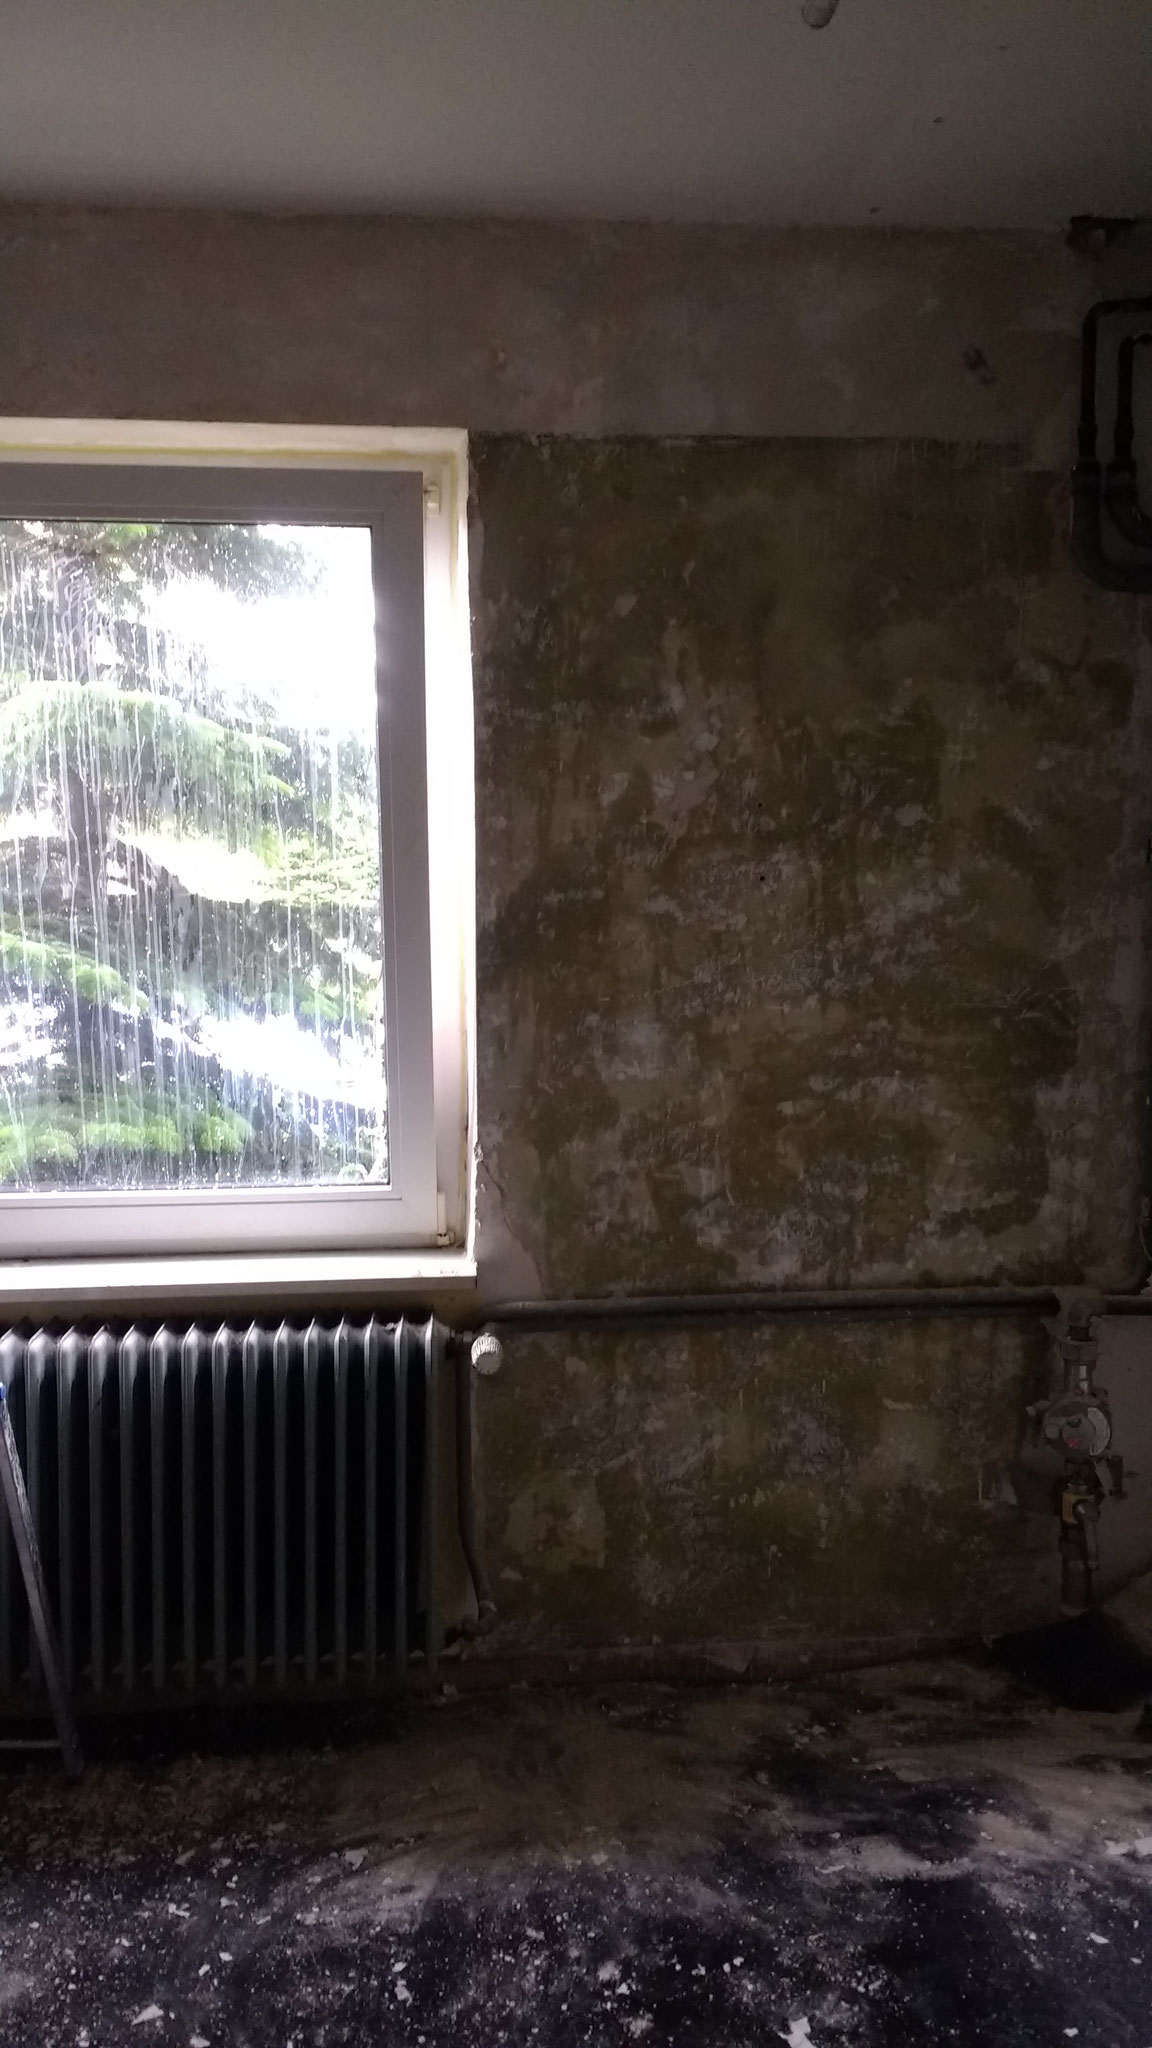 Das Fenster. Im Geschäftsbetrieb wird es fast immer offen sein, damit der feuchte Spüldampf gleich rausziehen kann.